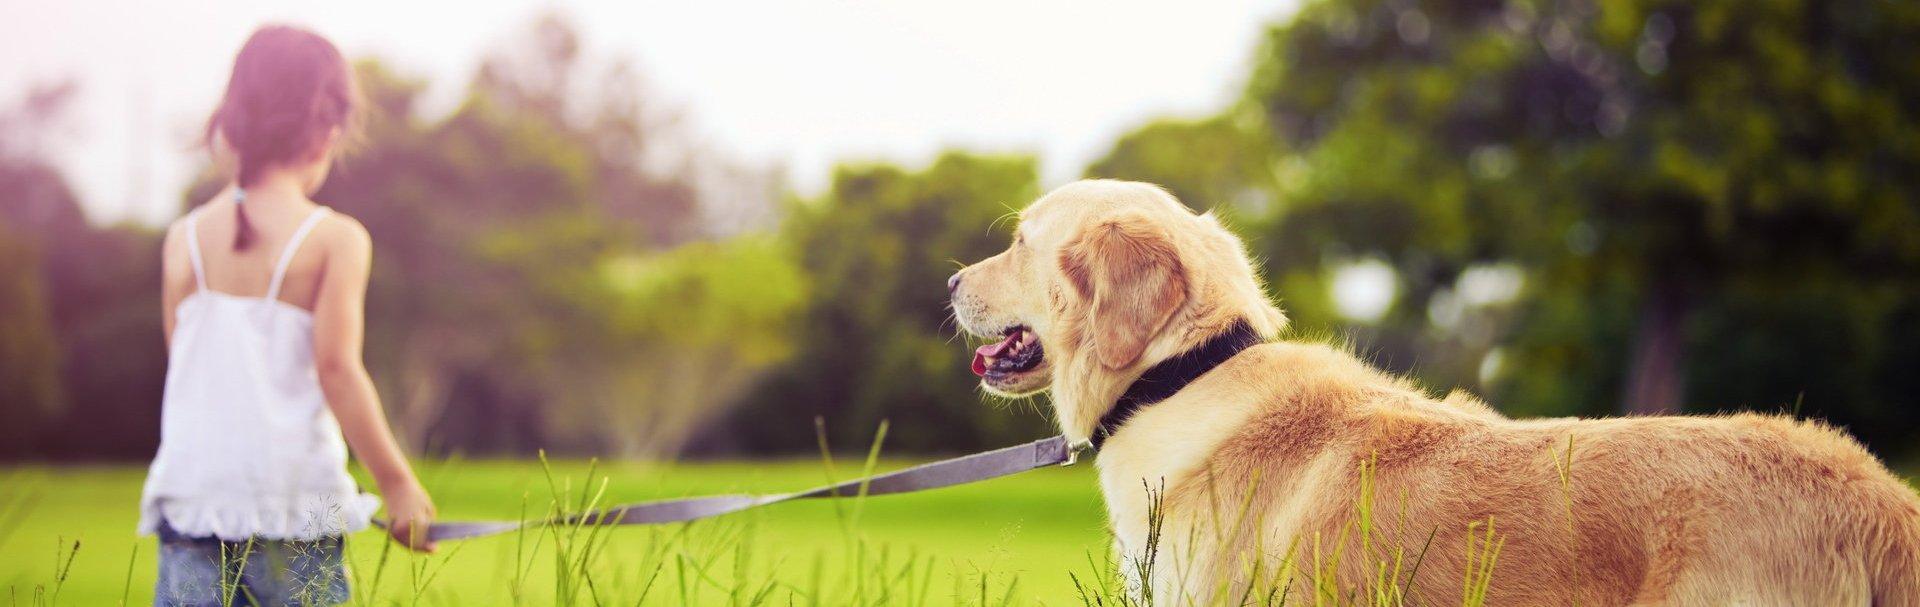 12 motive pentru care fiecare copil ar trebui să crească în compania unui căţel